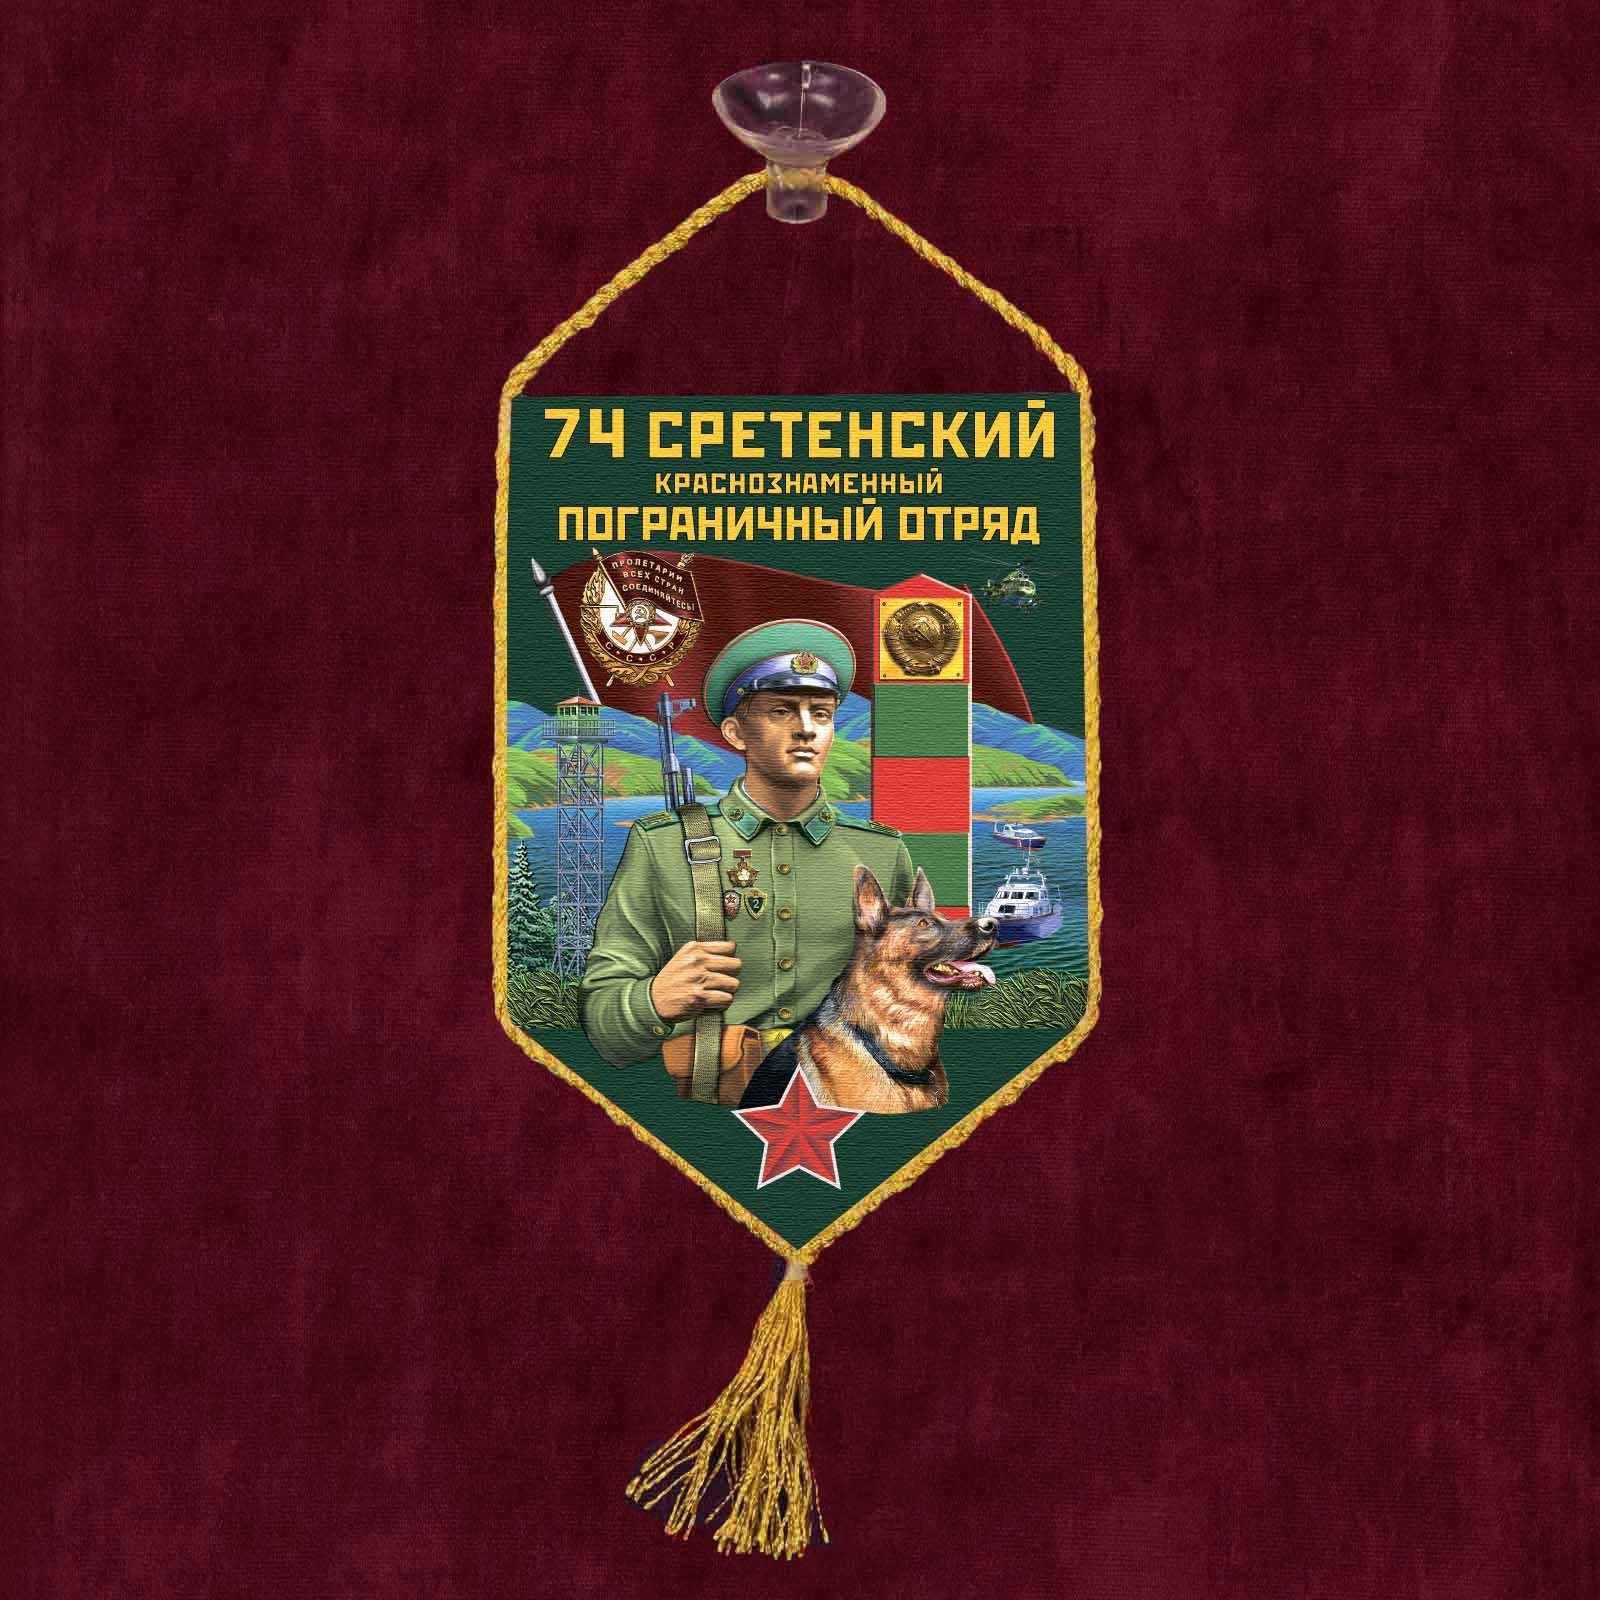 """Автомобильный вымпел """"74 Сретенский пограничный отряд"""""""